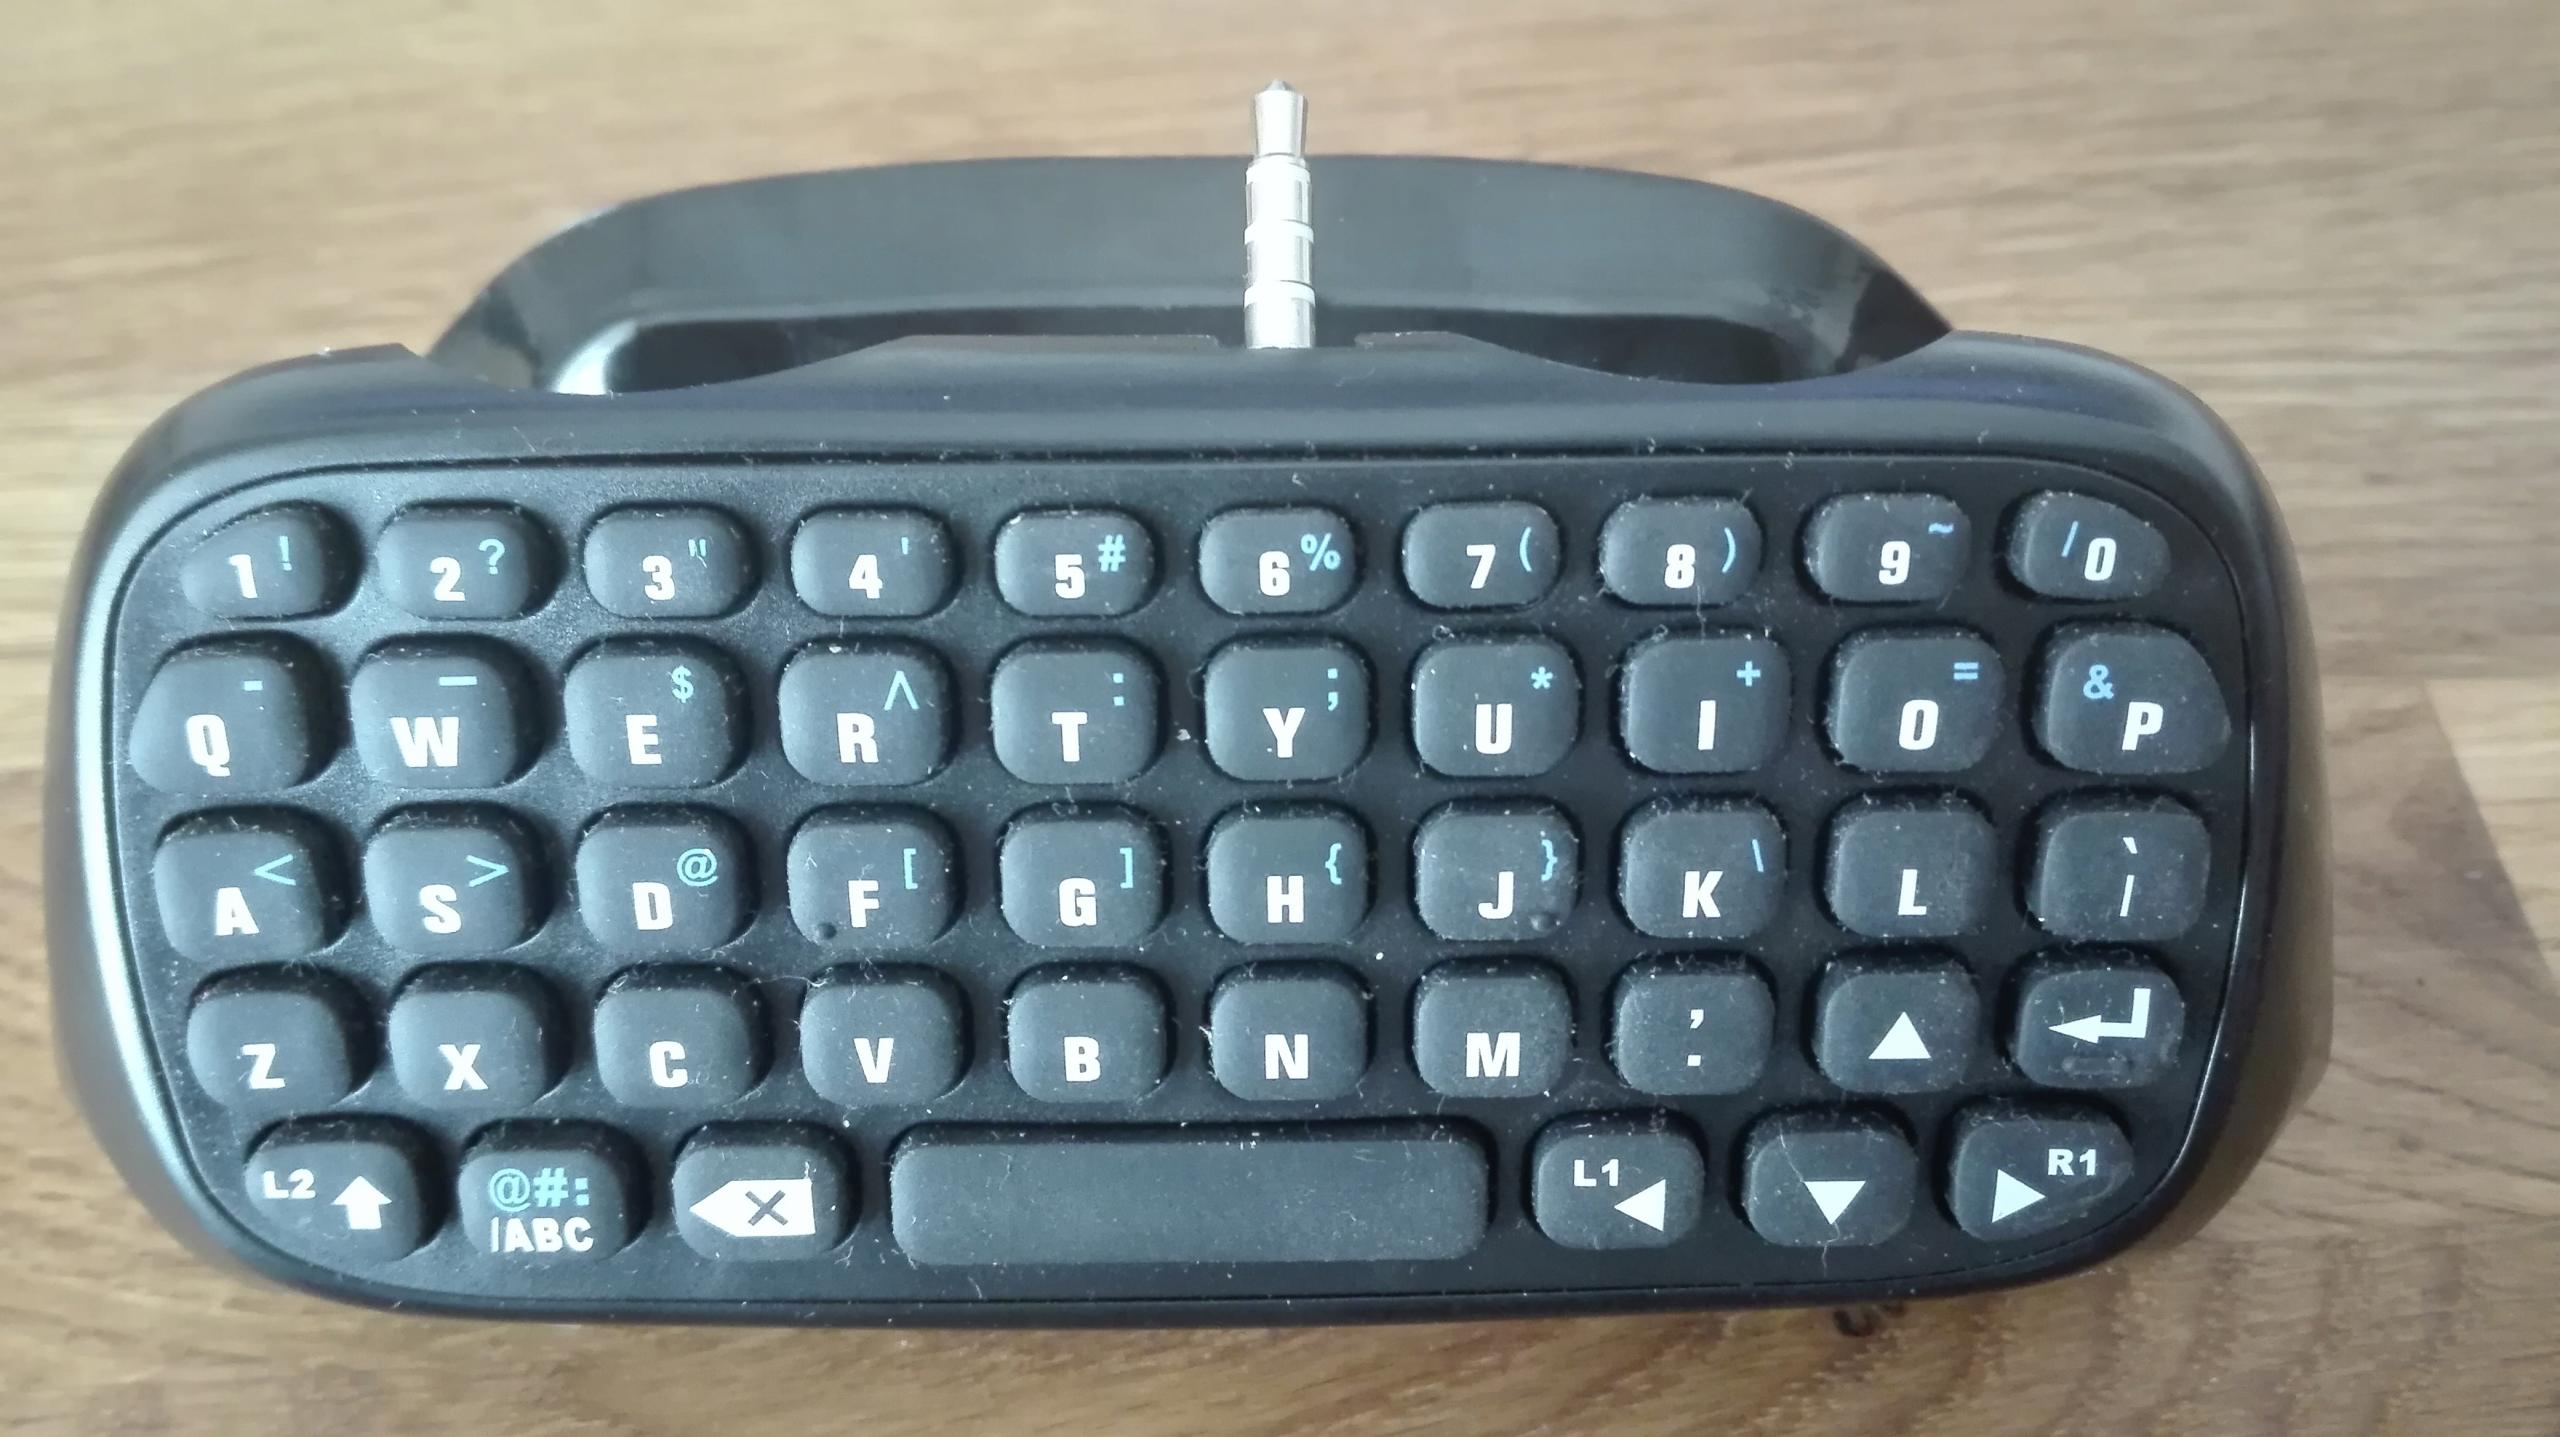 Bezprzewodowa klawiatura ChatPad do pada PS4